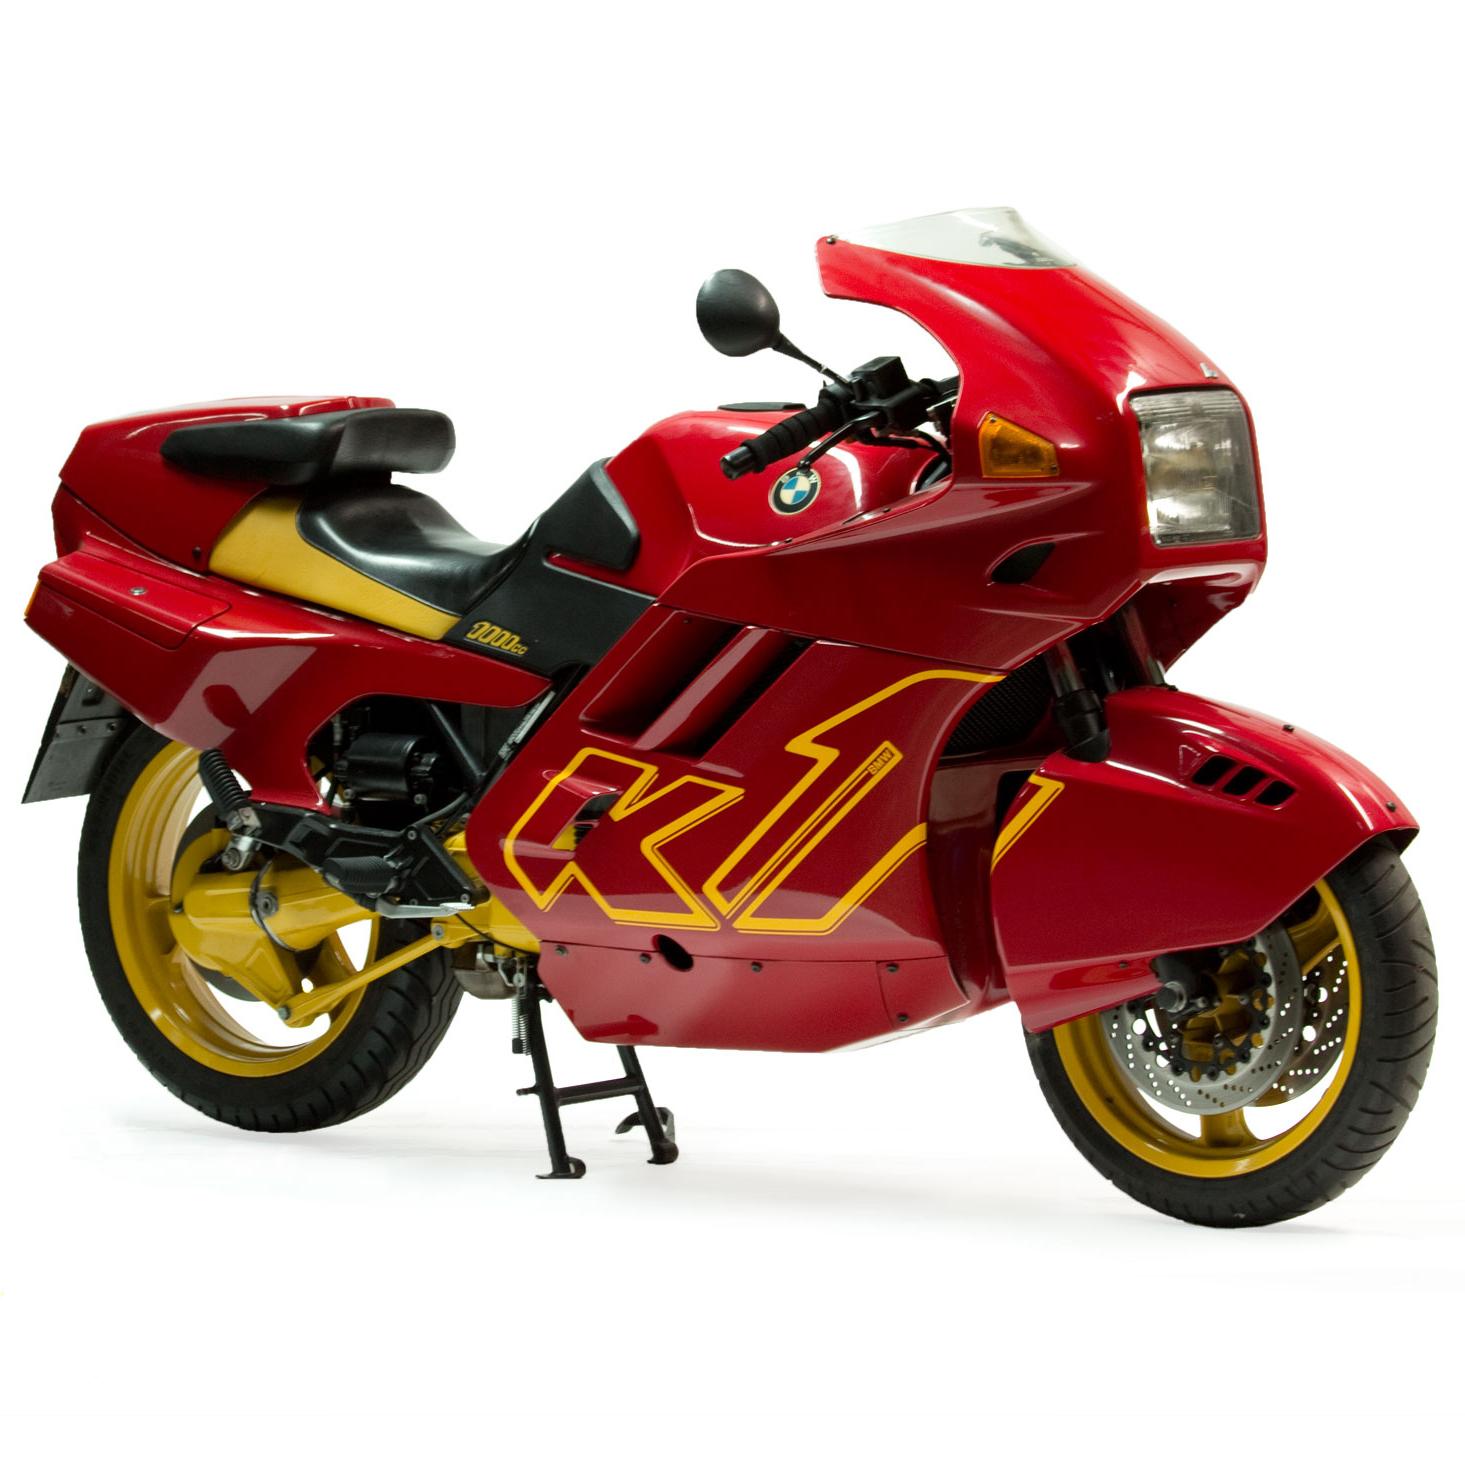 ampoules effet xenon pour moto toute BMW K1 1000  (100)